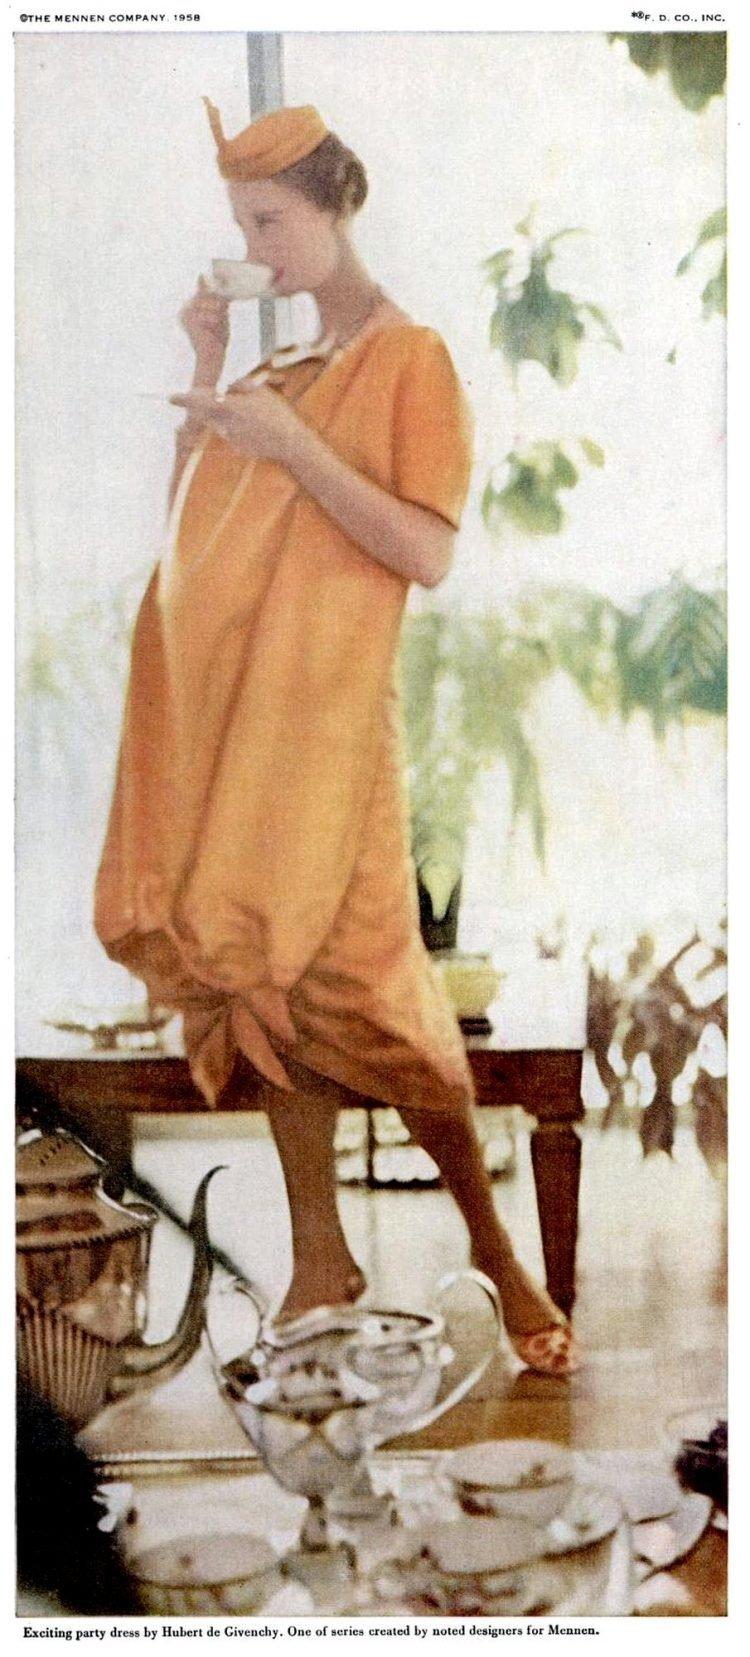 1958 Maternity clothing